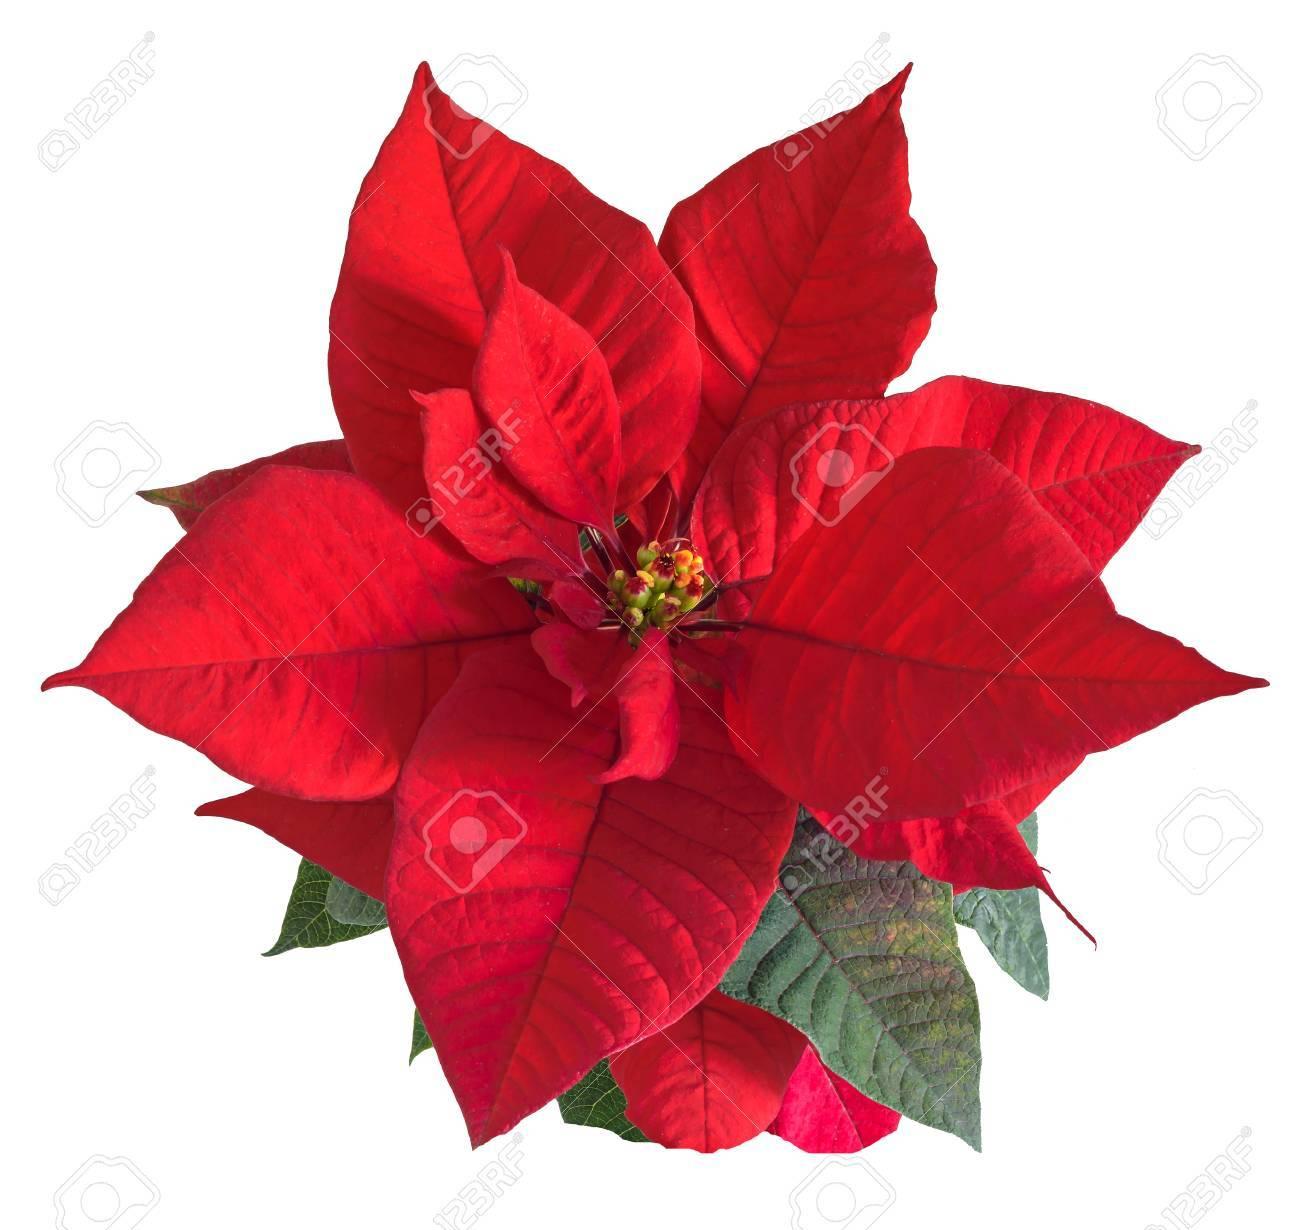 Les fleurs rouges de poinsettia (Euphorbia pulcherrima), la fleur de Noël,  se